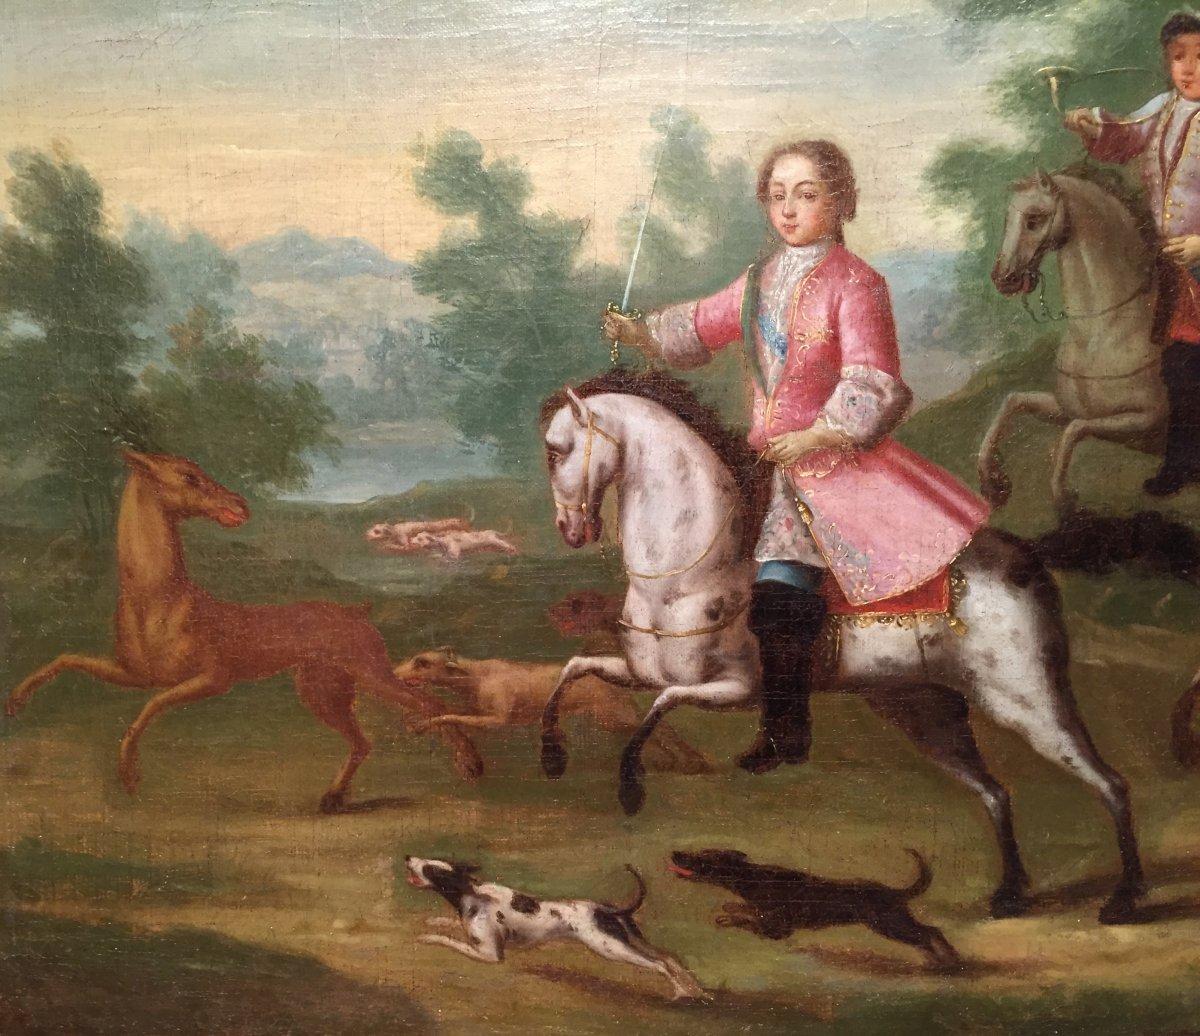 Résultats de recherche d'images pour «chasses du roi tableaux»